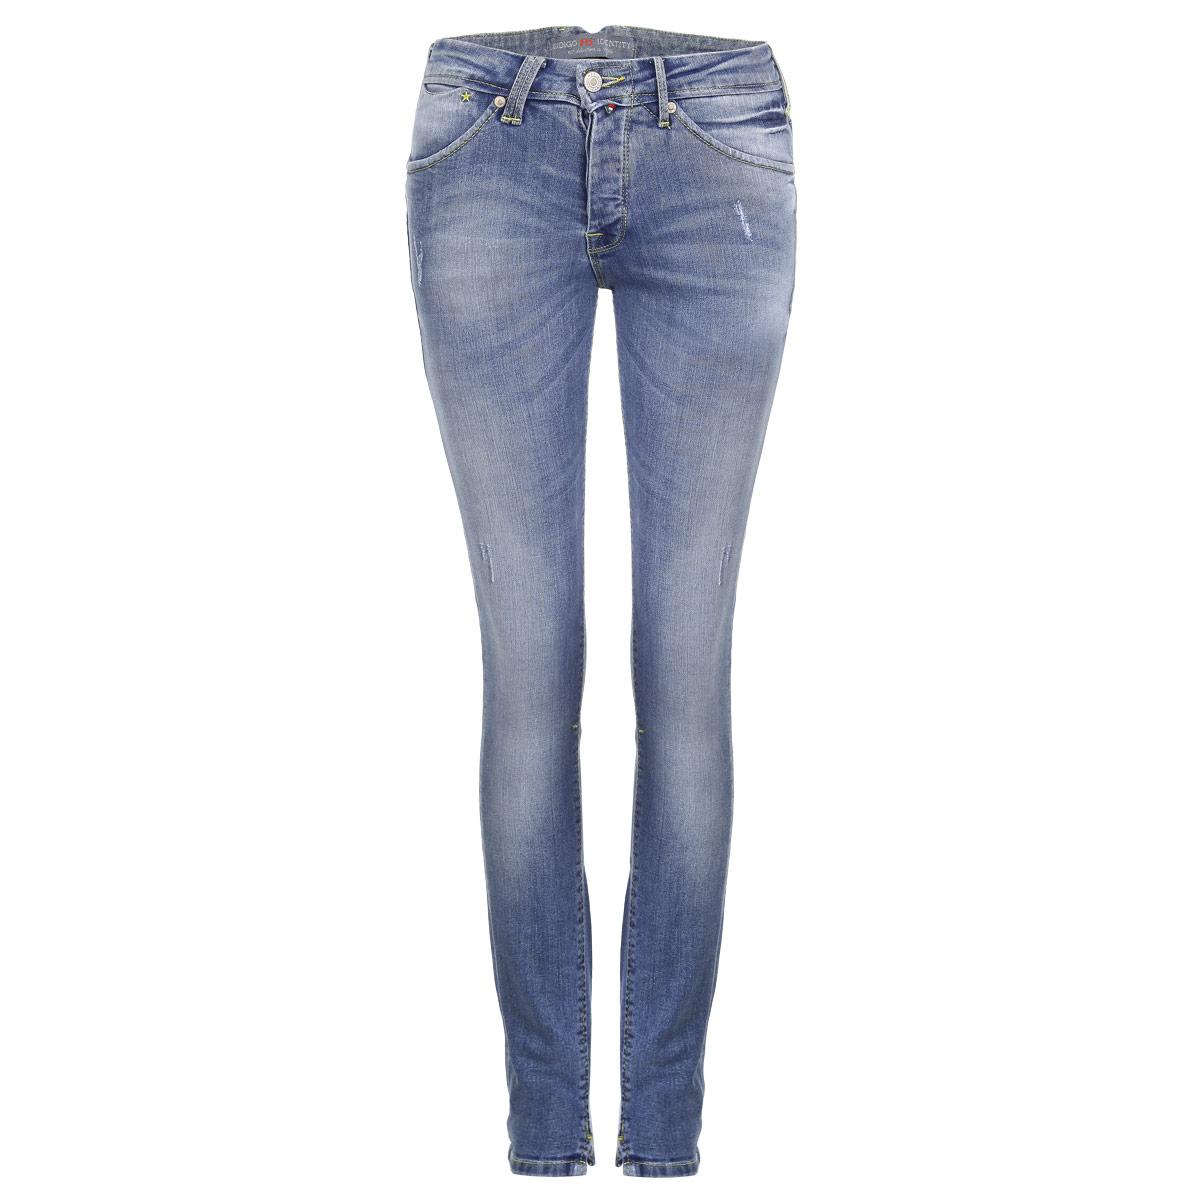 Джинсы женские. 1956119561Стильные женские джинсы F5 созданы специально для того, чтобы подчеркивать достоинства вашей фигуры. Модель зауженного кроя и средней посадки станет отличным дополнением к вашему современному образу. Джинсы застегиваются на пуговицу в поясе и ширинку на металлических пуговицах, имеются шлевки для ремня. Джинсы имеют классический пятикарманный крой: спереди модель дополнена двумя втачными карманами и одним маленьким вшитым кармашком, а сзади - двумя накладными карманами. Изделие оформлено тертым эффектом и перманентными складками и контрастной отстрочкой. Брючины спереди дополнены небольшими разрезами. Эти модные и в тоже время комфортные джинсы послужат отличным дополнением к вашему гардеробу.